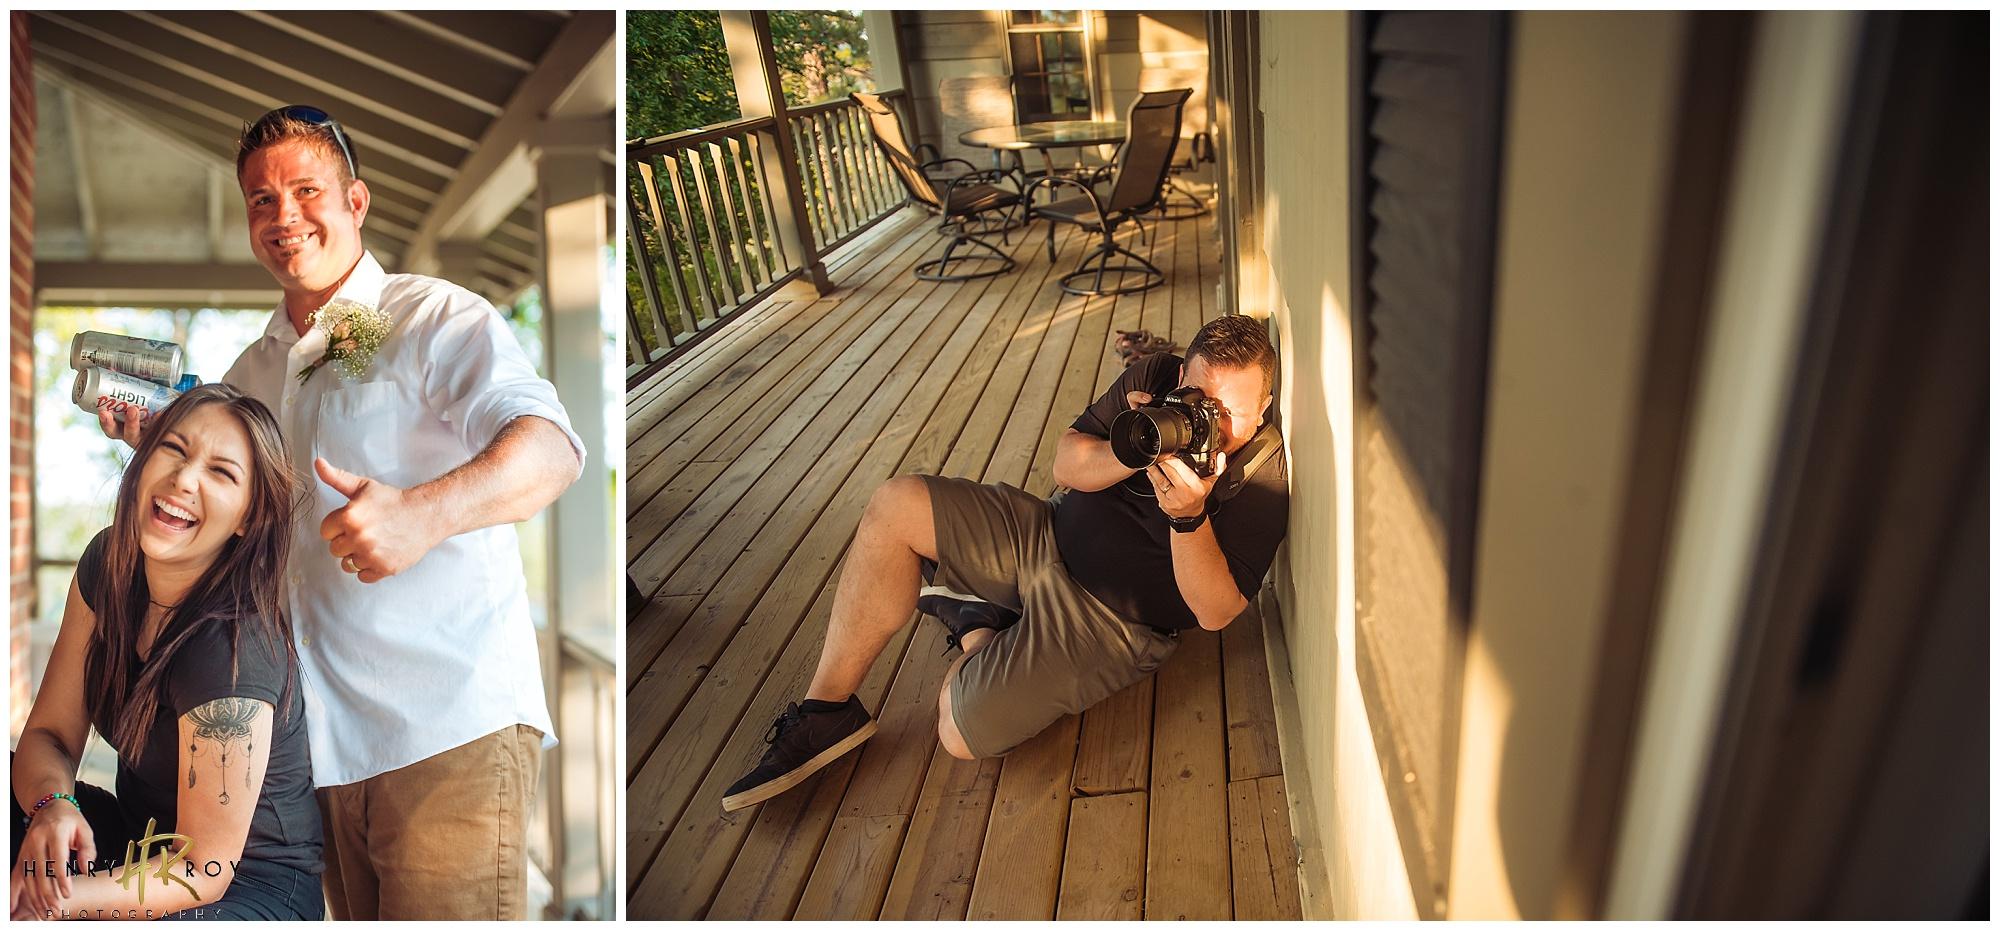 HenryRoyPhotographyOuttake0119.jpg